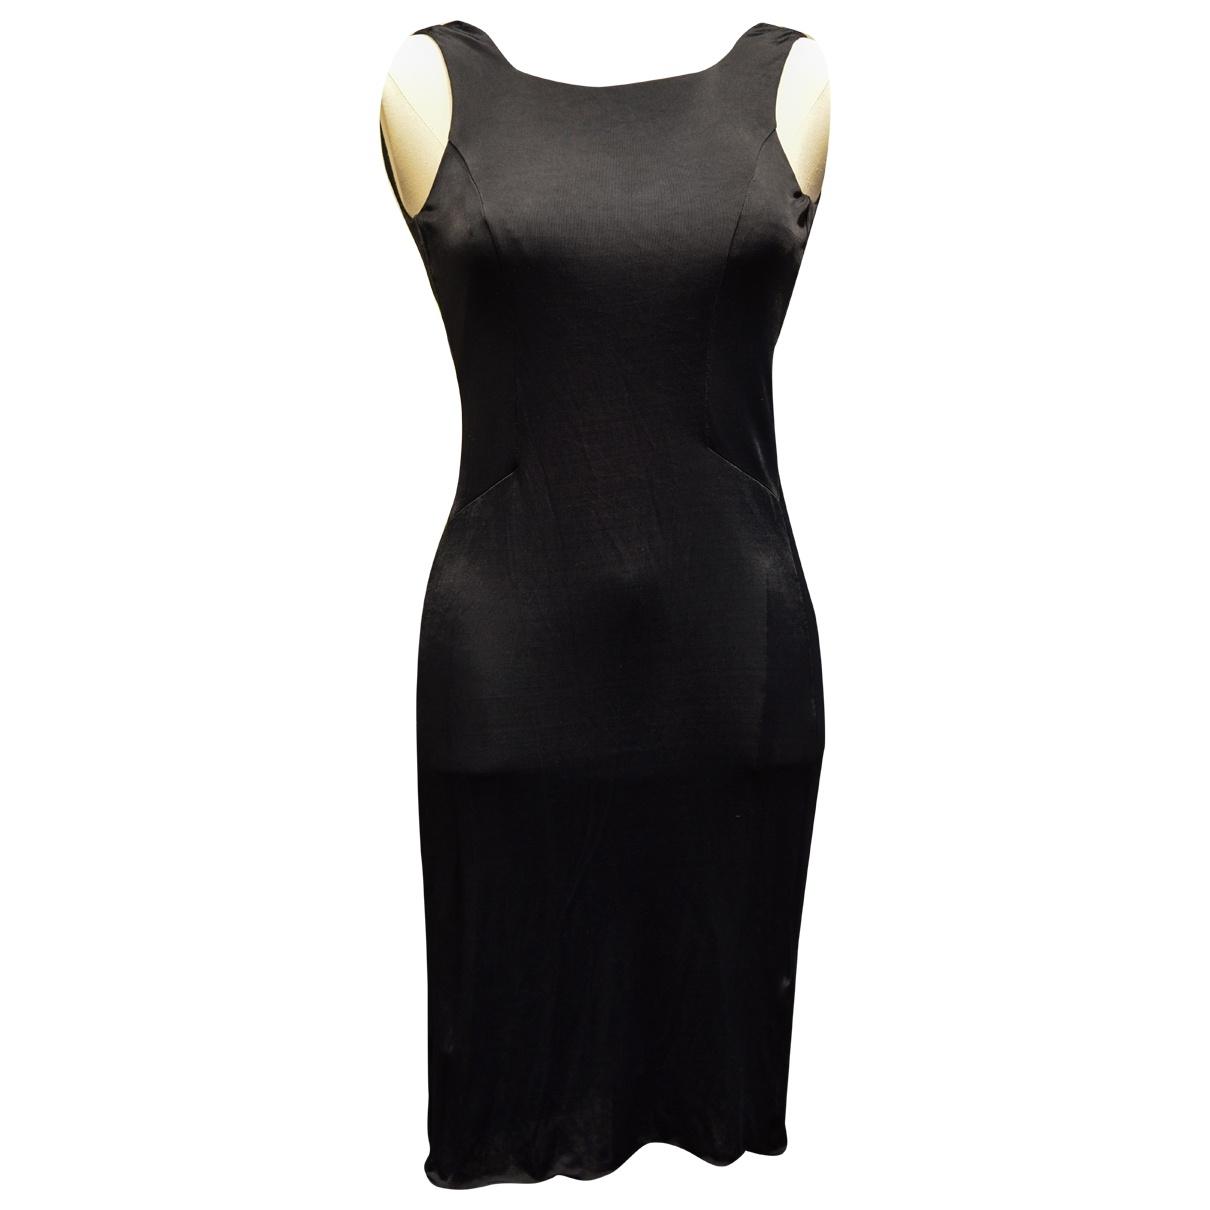 Emporio Armani \N Kleid in  Schwarz Polyester